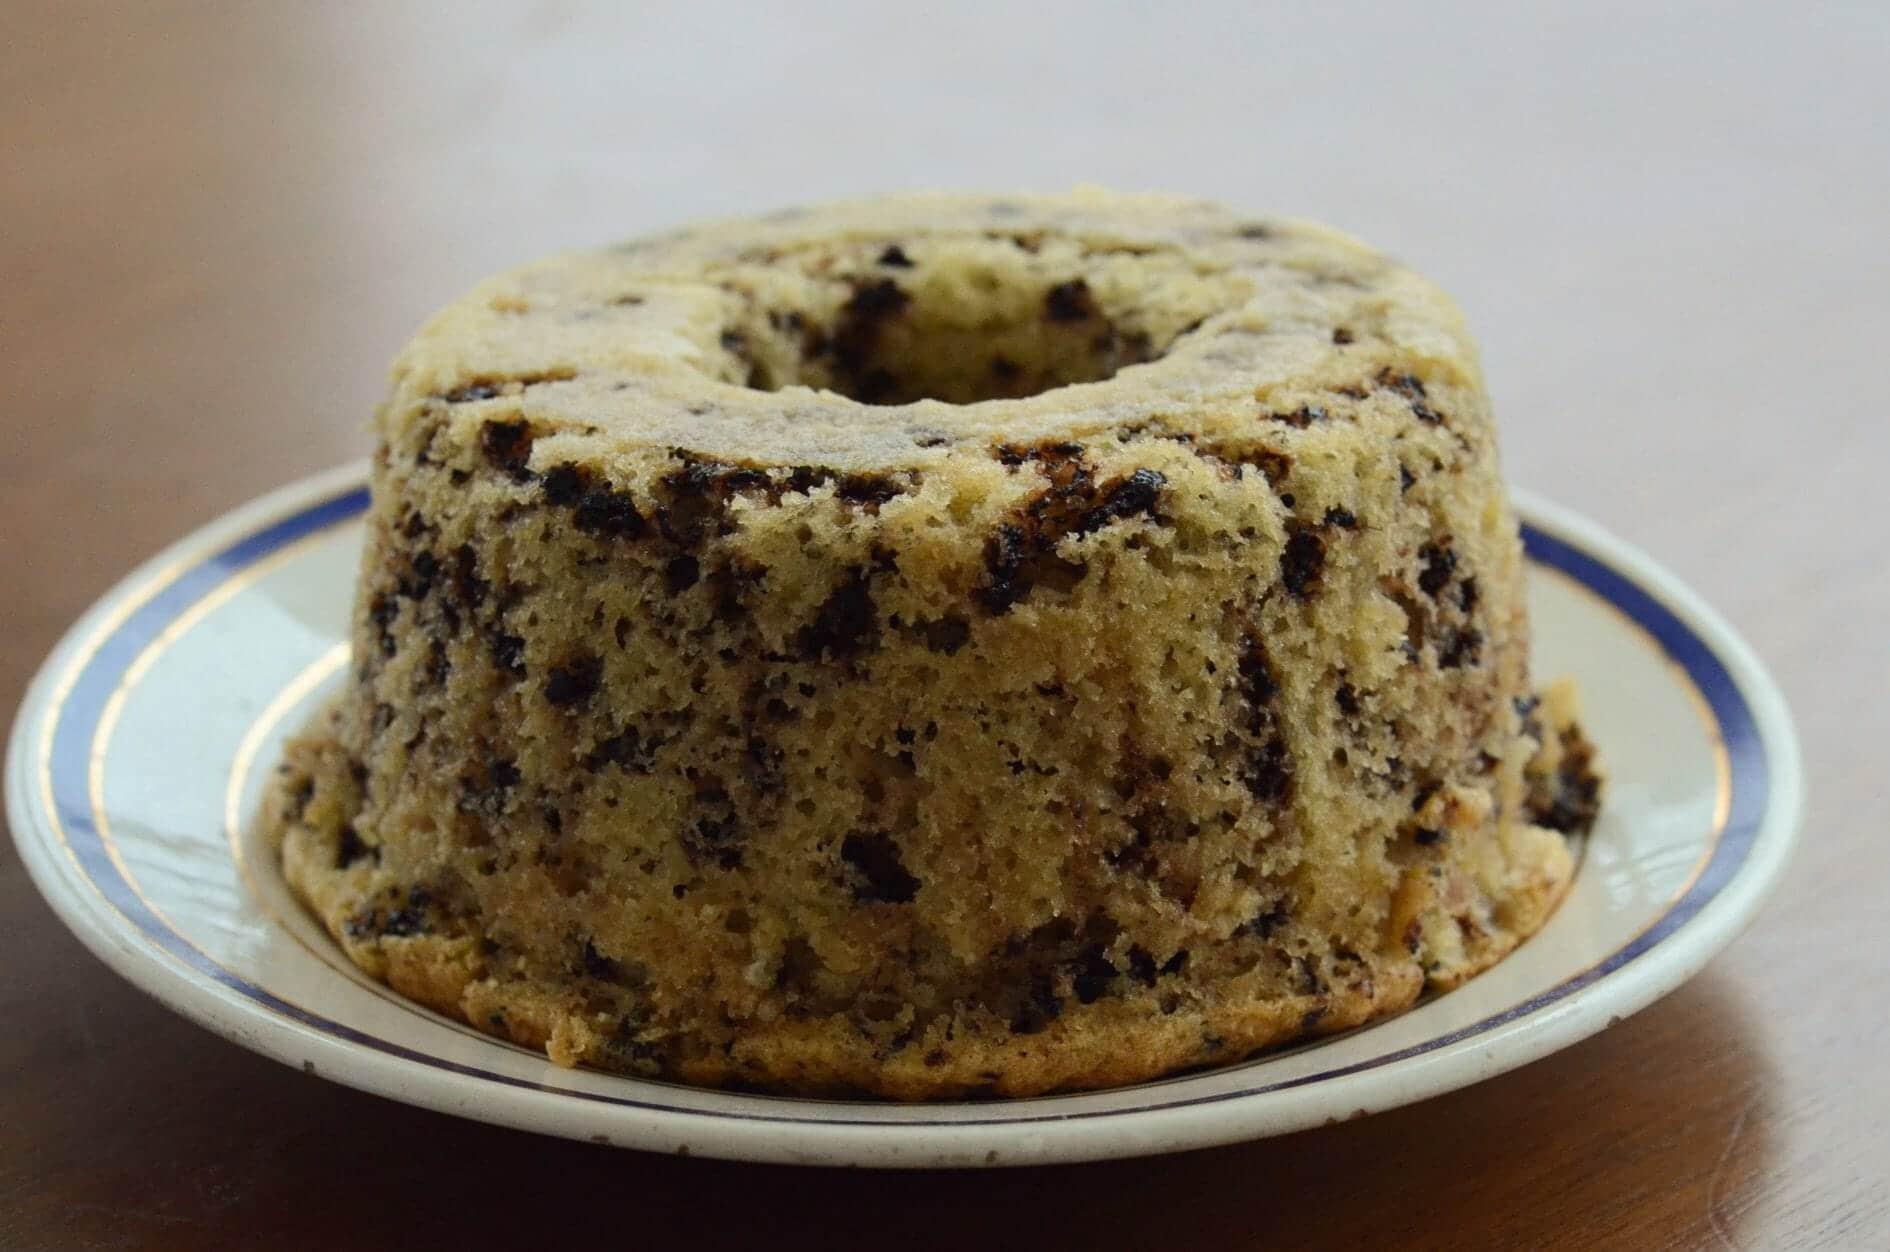 Receita de bolo formigueiro (bolo de coco com chocolate granulado meio amargo)